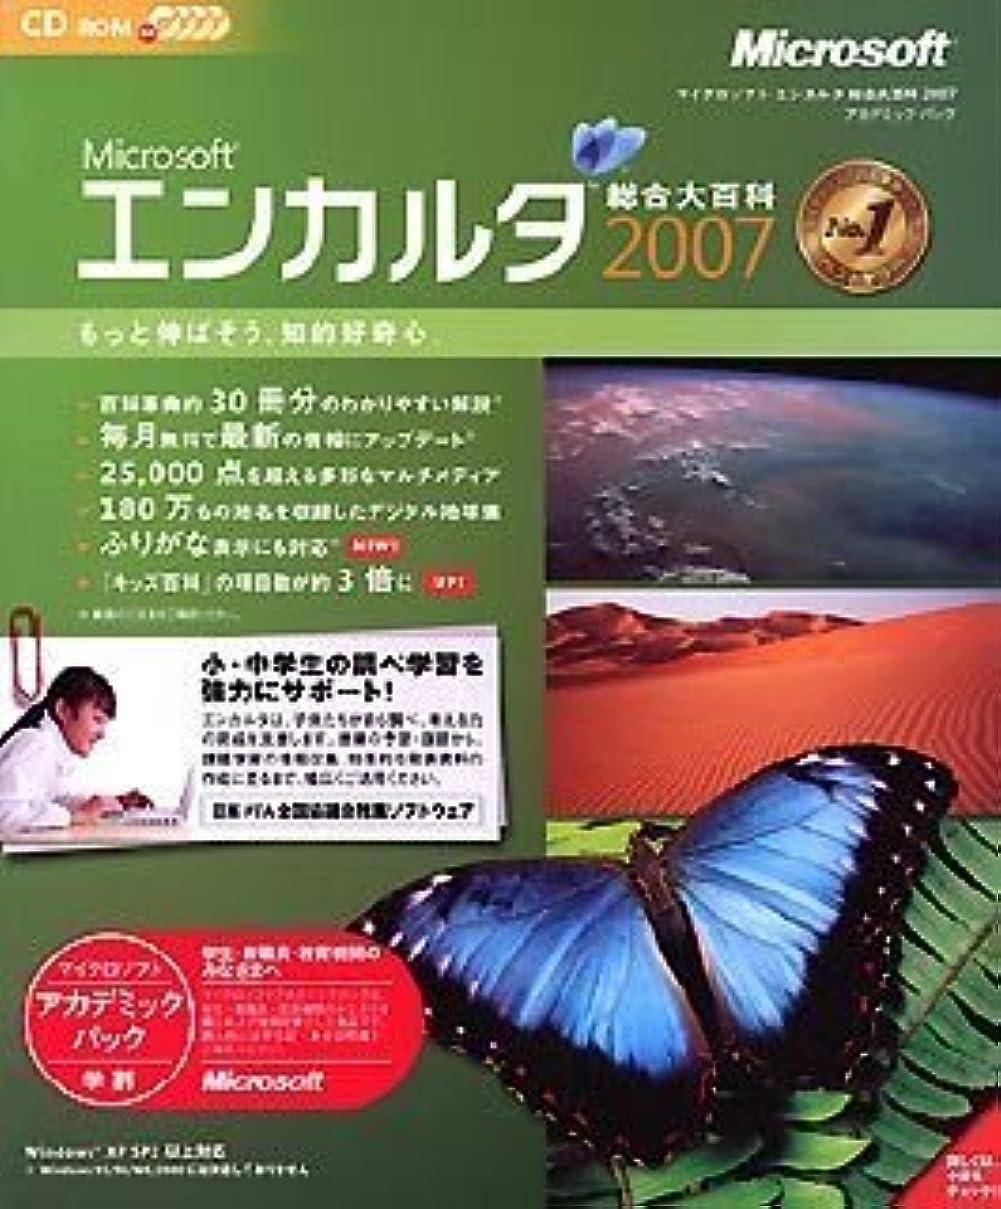 ペレグリネーション手紙を書く歴史的Encarta 総合大百科 2007 CD-ROM アカデミックパック